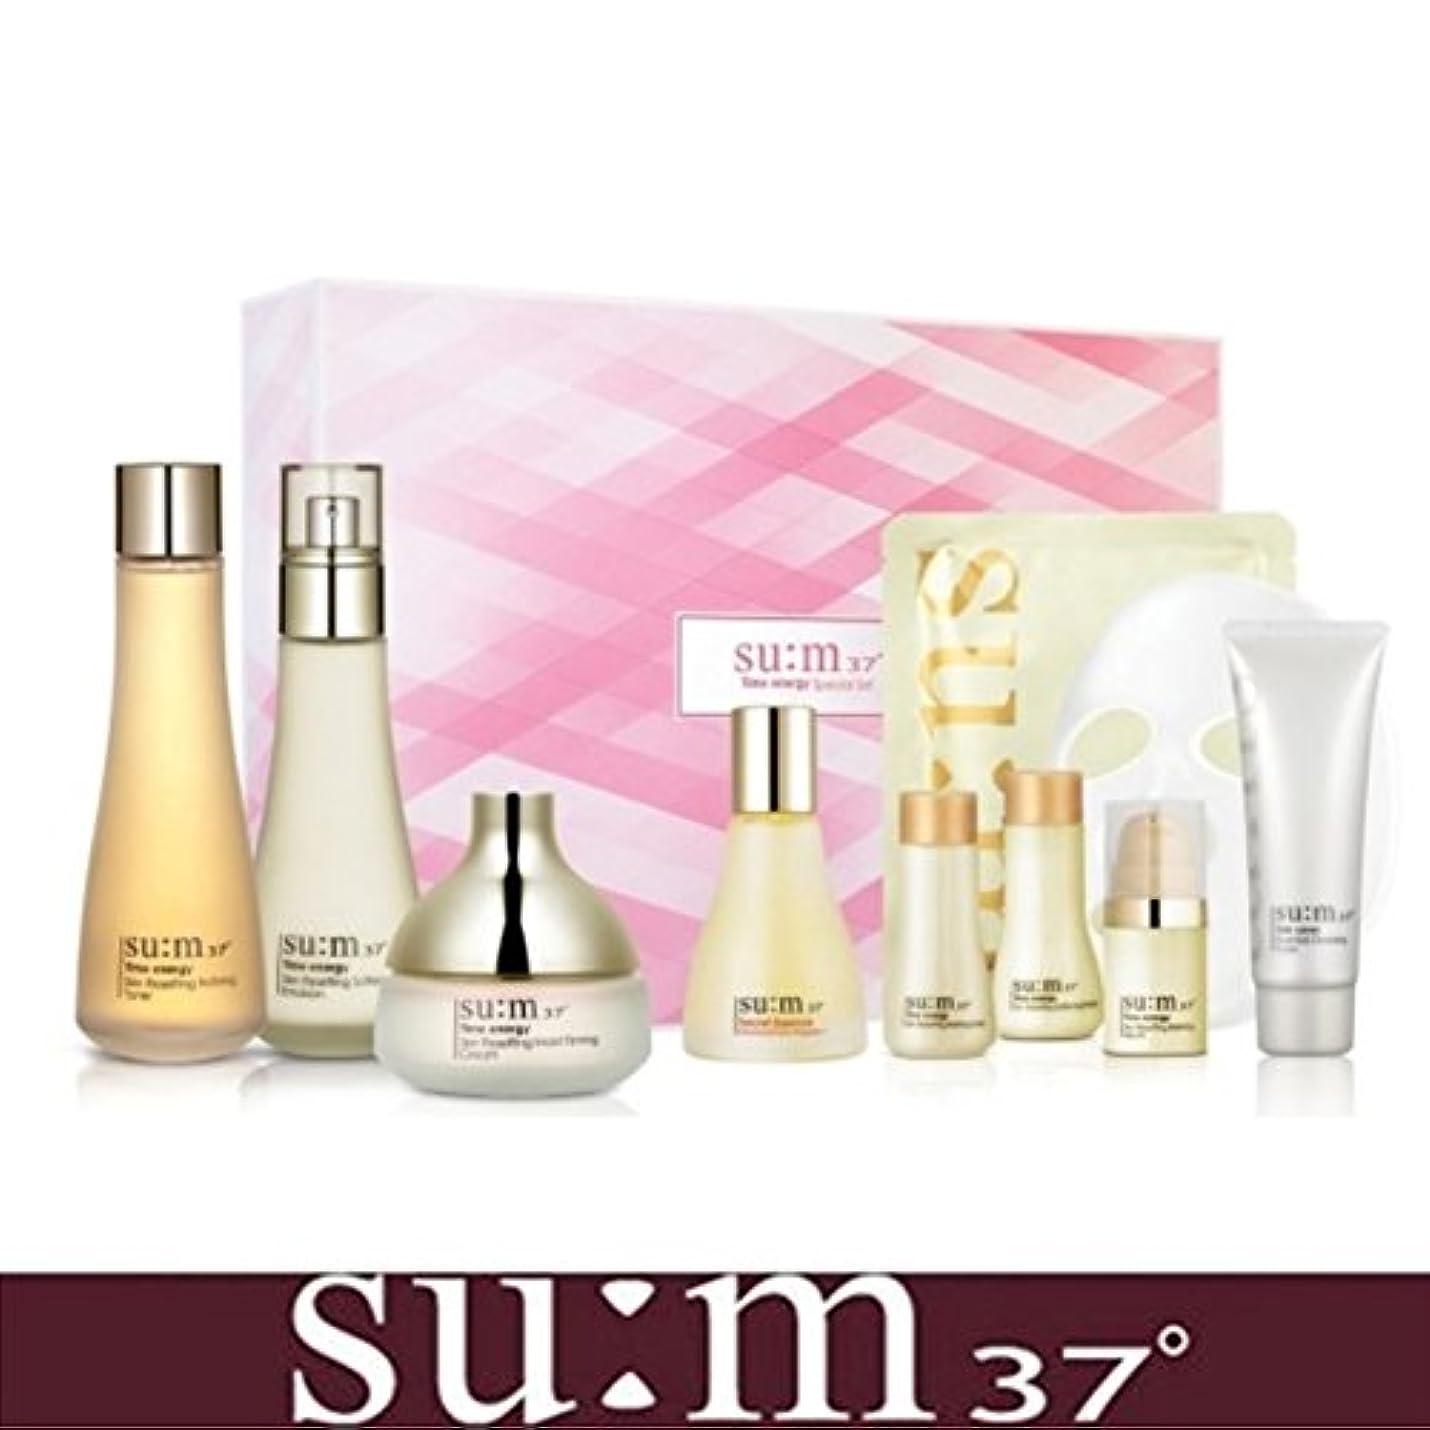 農業のネクタイ組立[su:m37/スム37°] SUM37 Time Energy 3pcs Special Skincare Set / タイムエネルギーの3種のスペシャルセット+[Sample Gift](海外直送品)